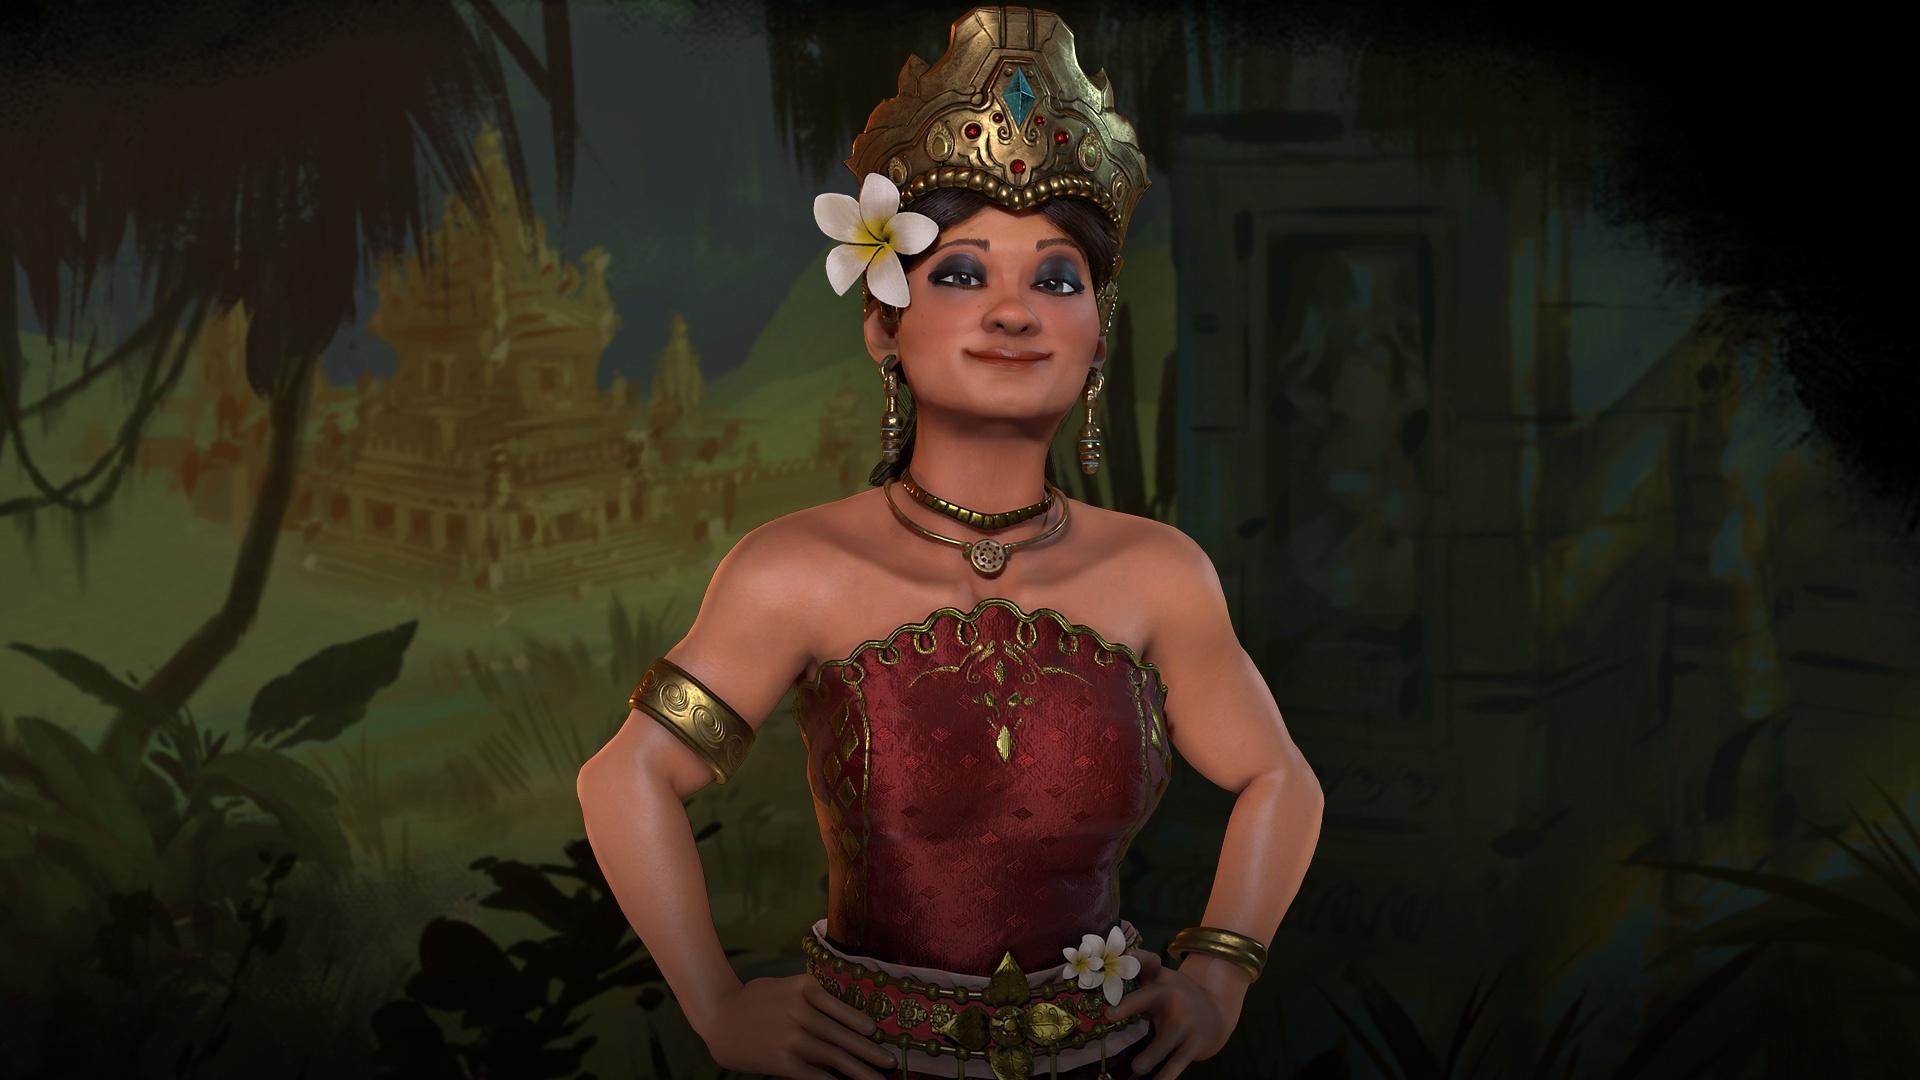 Pubg Video Zeigt Neue Benutzeroberfläche Kartenauswahl: Neue DLC-Völker Vorgestellt: Khmer Und